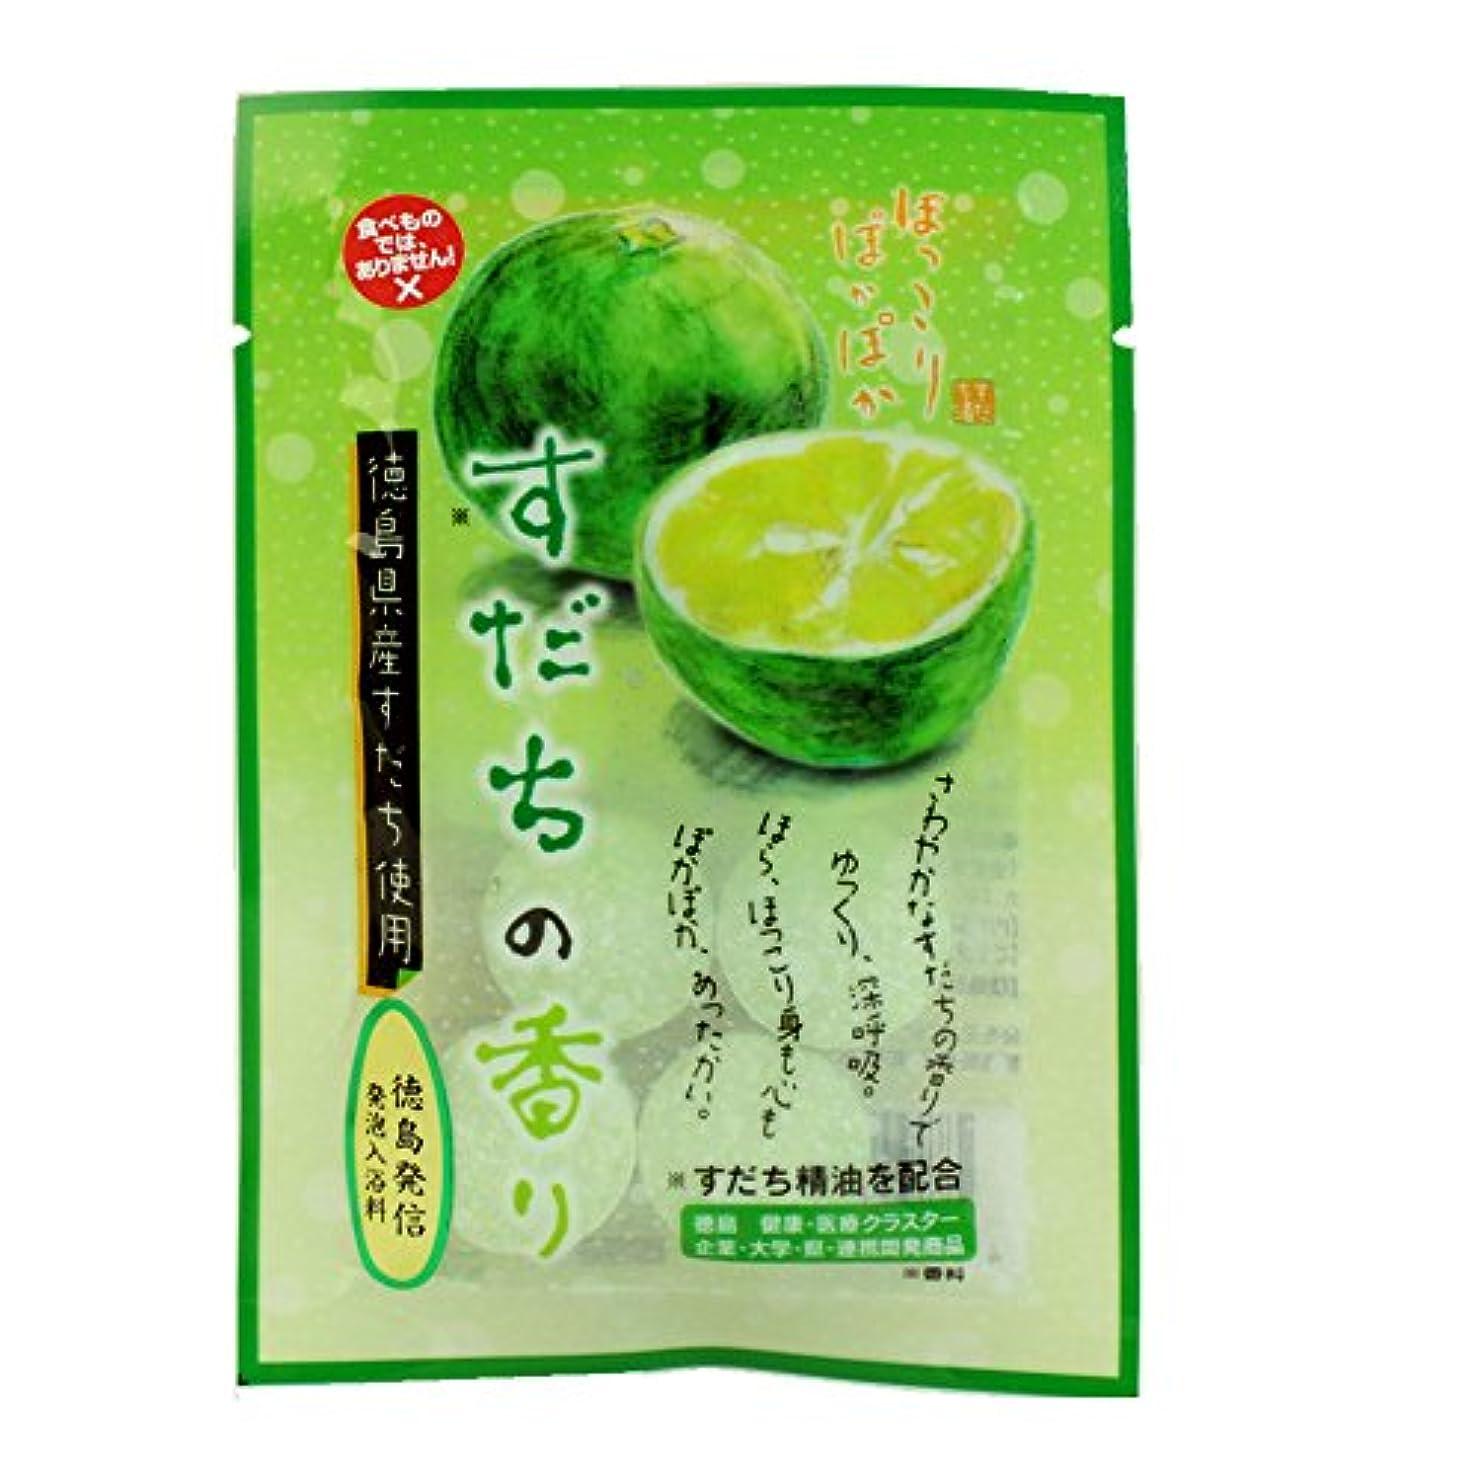 平衡下位生じるすだちの香り 発泡入浴料 1袋 徳島県産すだち使用 860